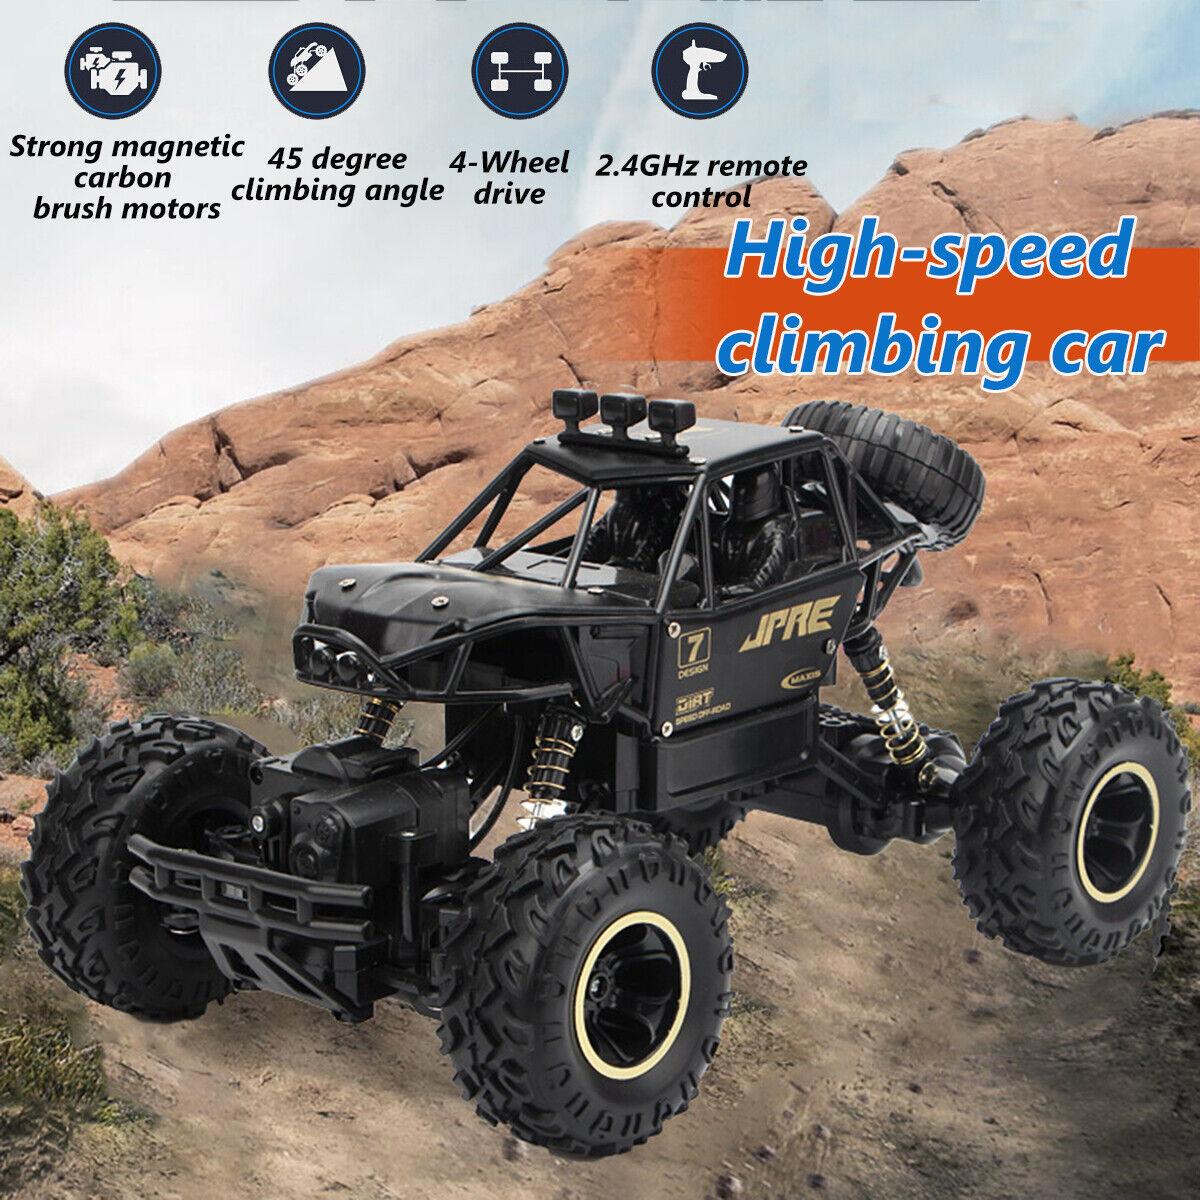 4WD RC Monster Truck Mit Akku Ferngesteuertes Auto Geländewagen Buggy Off-Road